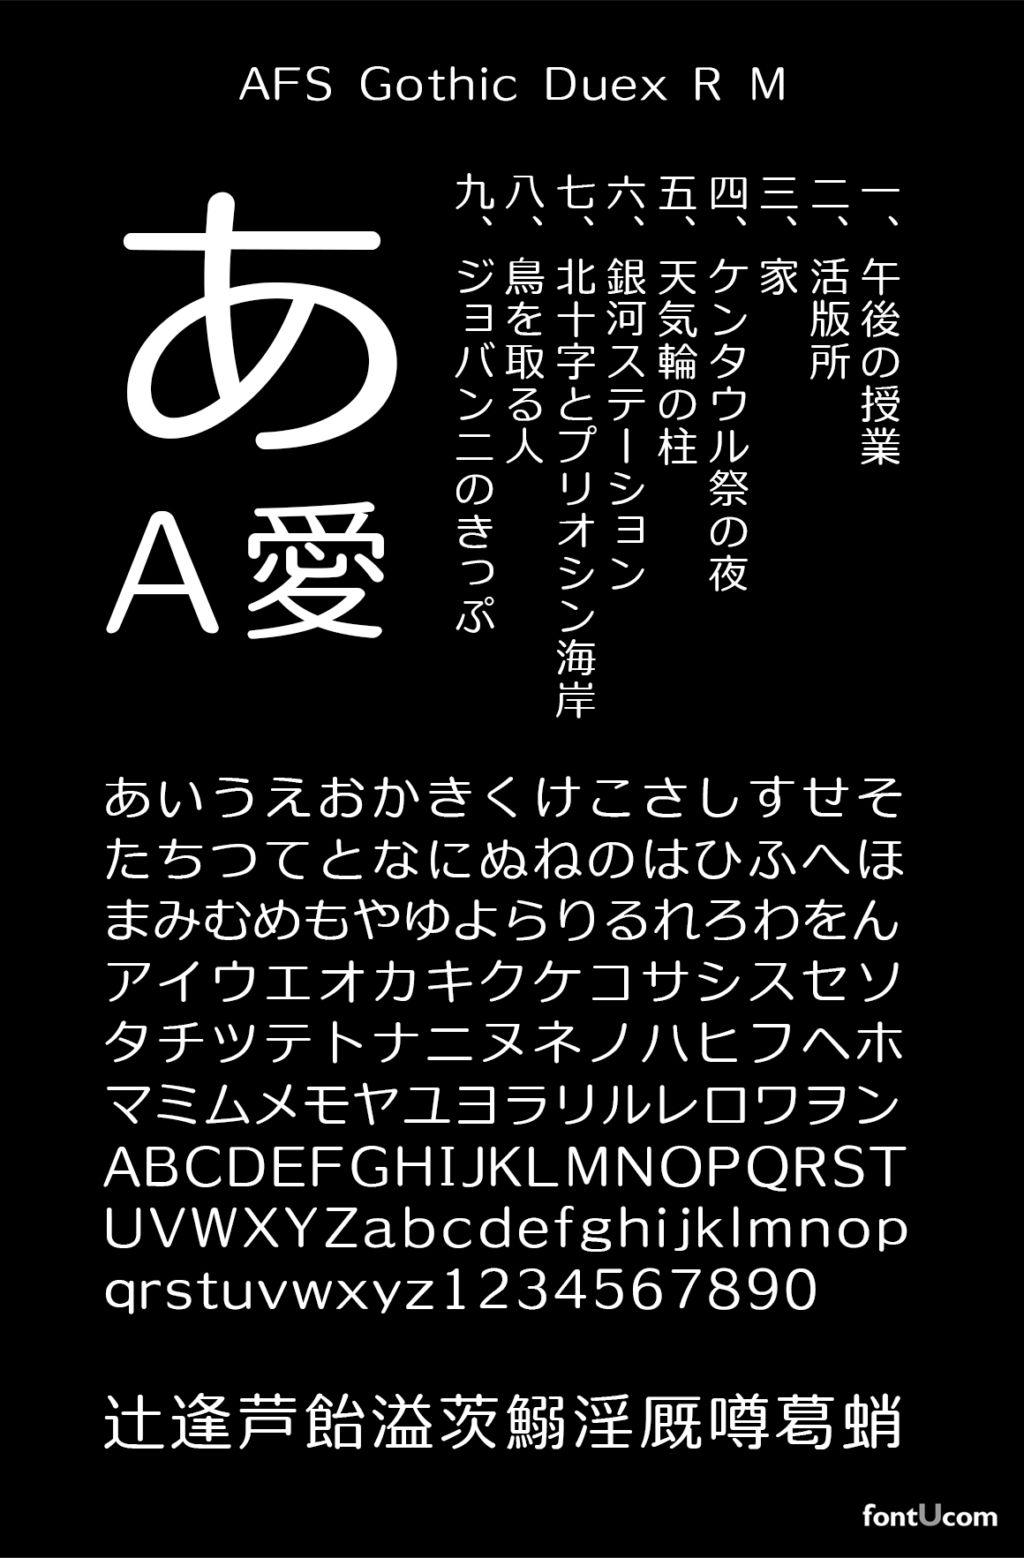 AFS GothicDuex R_M